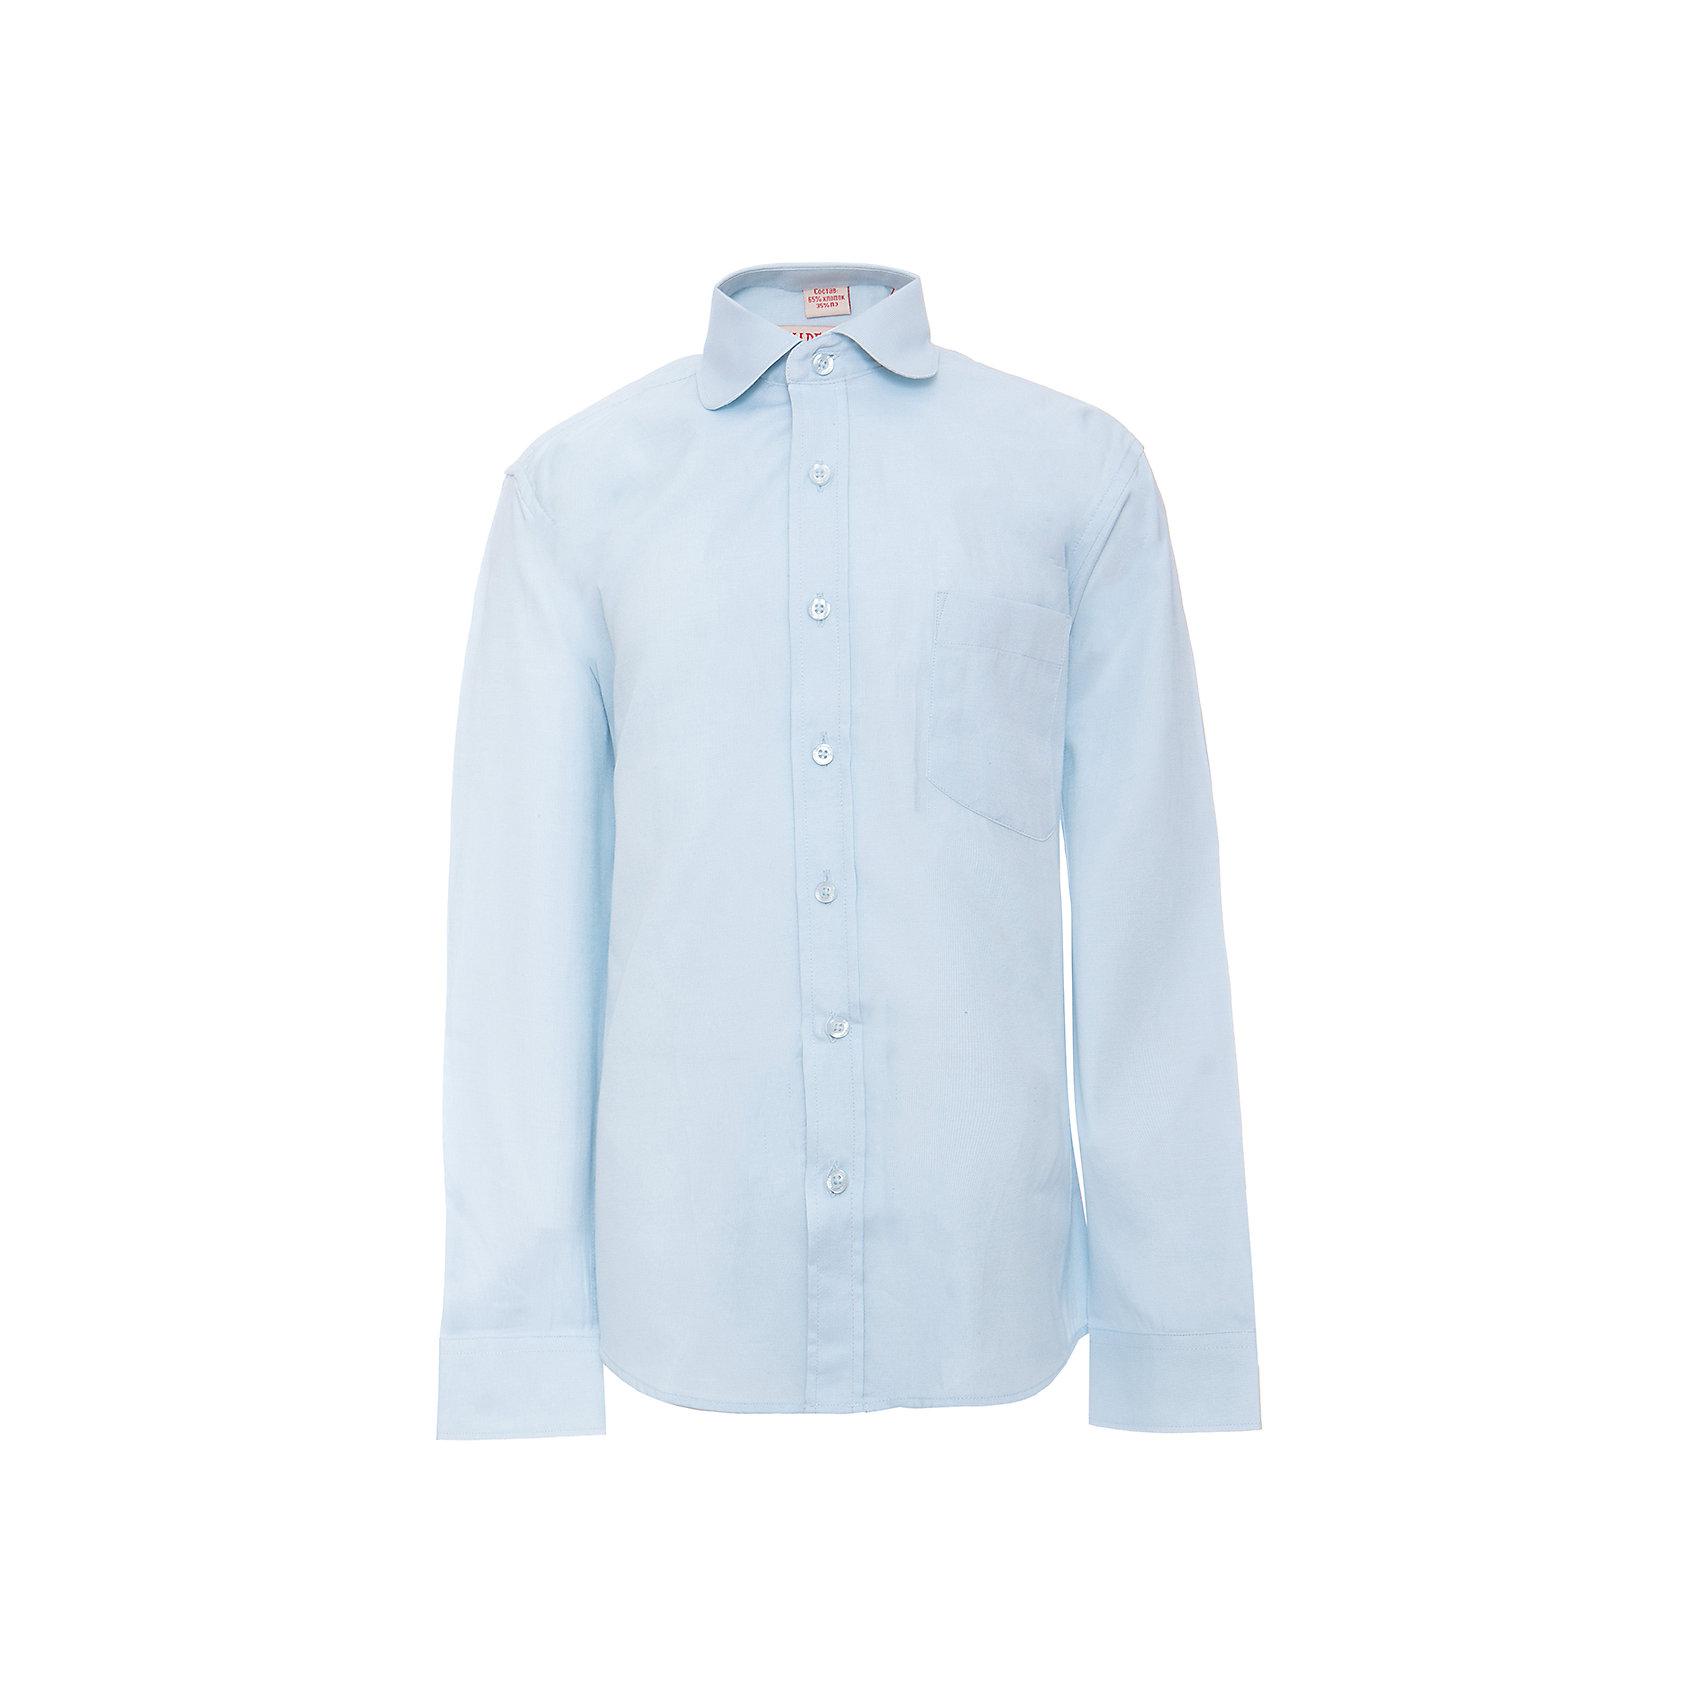 Рубашка для мальчика ImperatorБлузки и рубашки<br>Характеристики товара:<br><br>• цвет: голубой<br>• состав ткани: 65% хлопок, 35% полиэстер<br>• особенности: школьная, праздничная<br>• застежка: пуговицы<br>• рукава: длинные<br>• сезон: круглый год<br>• страна бренда: Российская Федерация<br>• страна изготовитель: Китай<br><br>Сорочка классического кроя для мальчика - отличный вариант практичной и стильной школьной одежды.<br><br>Накладной карман, свободный покрой, дышащая ткань с преобладанием хлопка - красиво и удобно.<br><br>Рубашку для мальчика Imperator (Император) можно купить в нашем интернет-магазине.<br><br>Ширина мм: 174<br>Глубина мм: 10<br>Высота мм: 169<br>Вес г: 157<br>Цвет: голубой<br>Возраст от месяцев: 108<br>Возраст до месяцев: 120<br>Пол: Мужской<br>Возраст: Детский<br>Размер: 140/146,164/170,122/128,128/134,134/140,146/152,146/152,152/158,152/158,158/164<br>SKU: 6860732